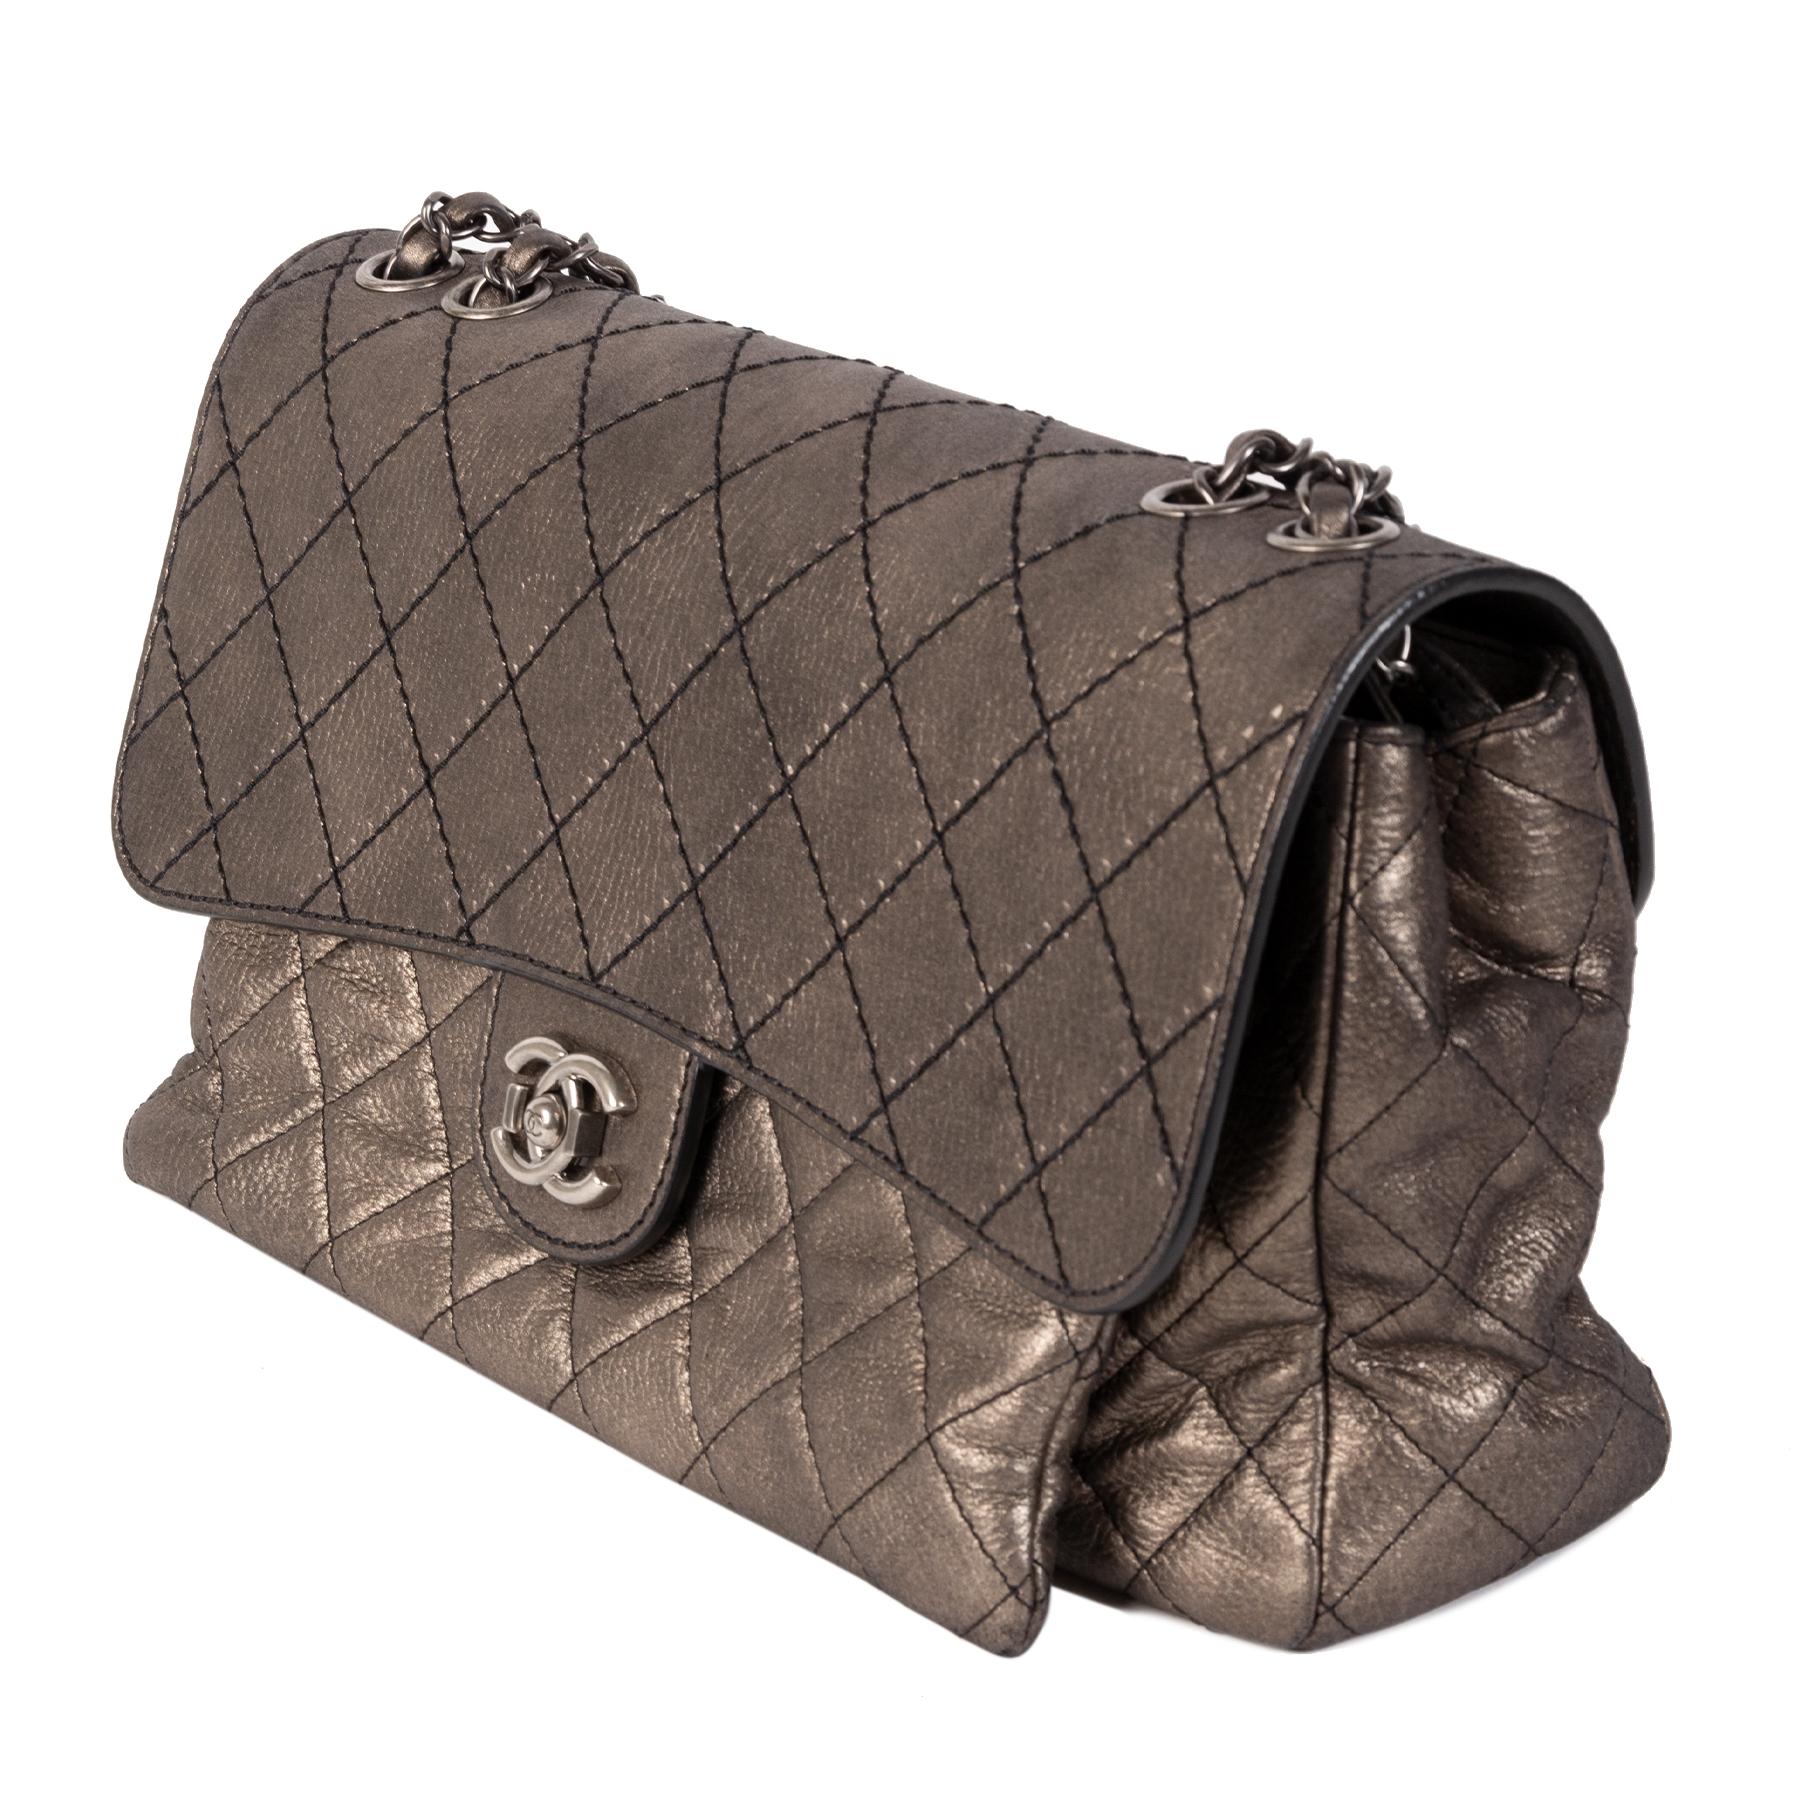 koop veilig online tegen de beste prijs Chanel Bronze Metallic Quilted Leather Flap Bag